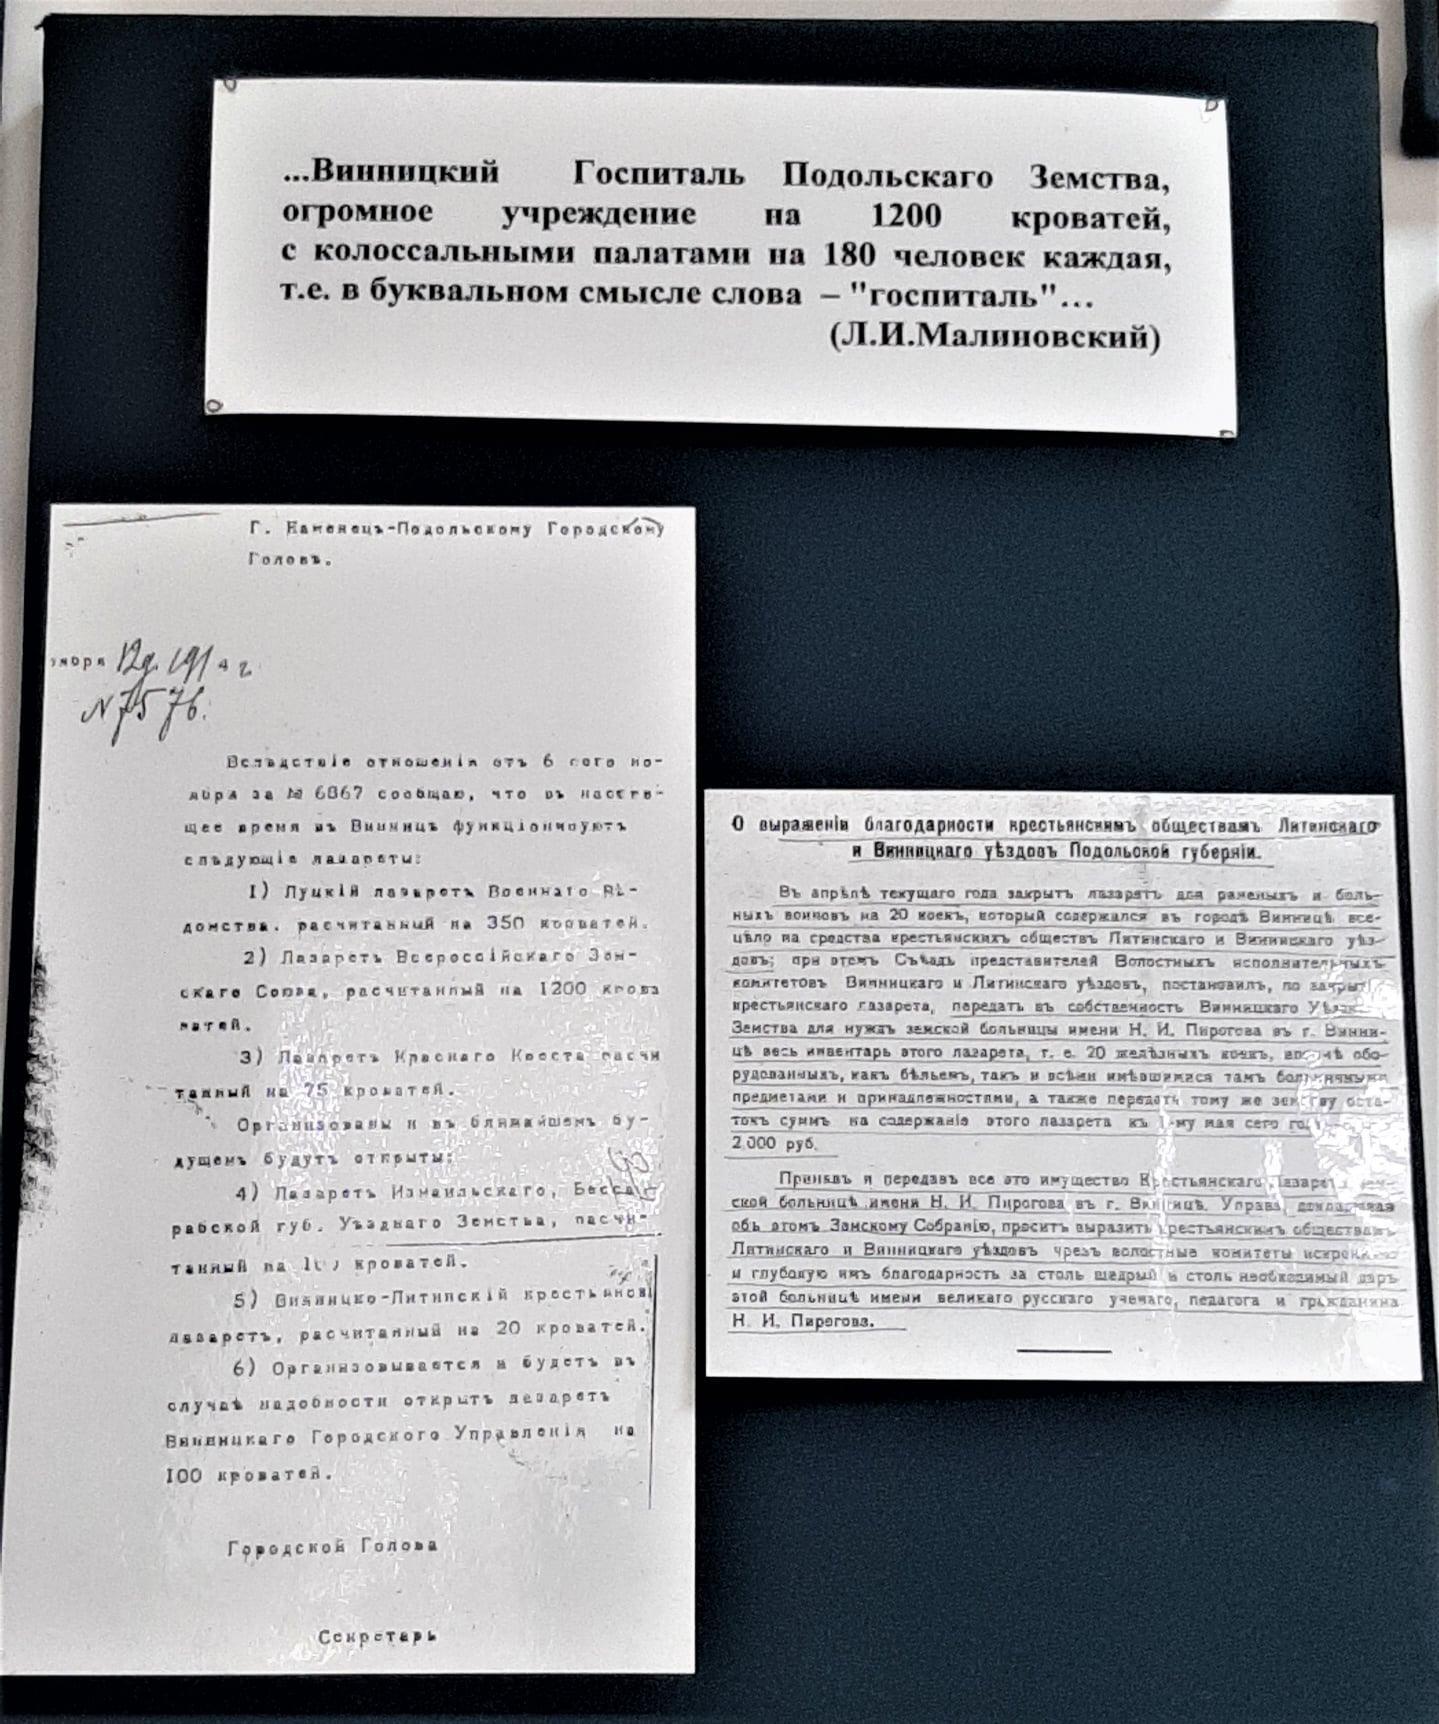 """У Вінниці діє музей імені Людвіга Маліновського, який заснував """"Пироговку"""" (Фото)"""